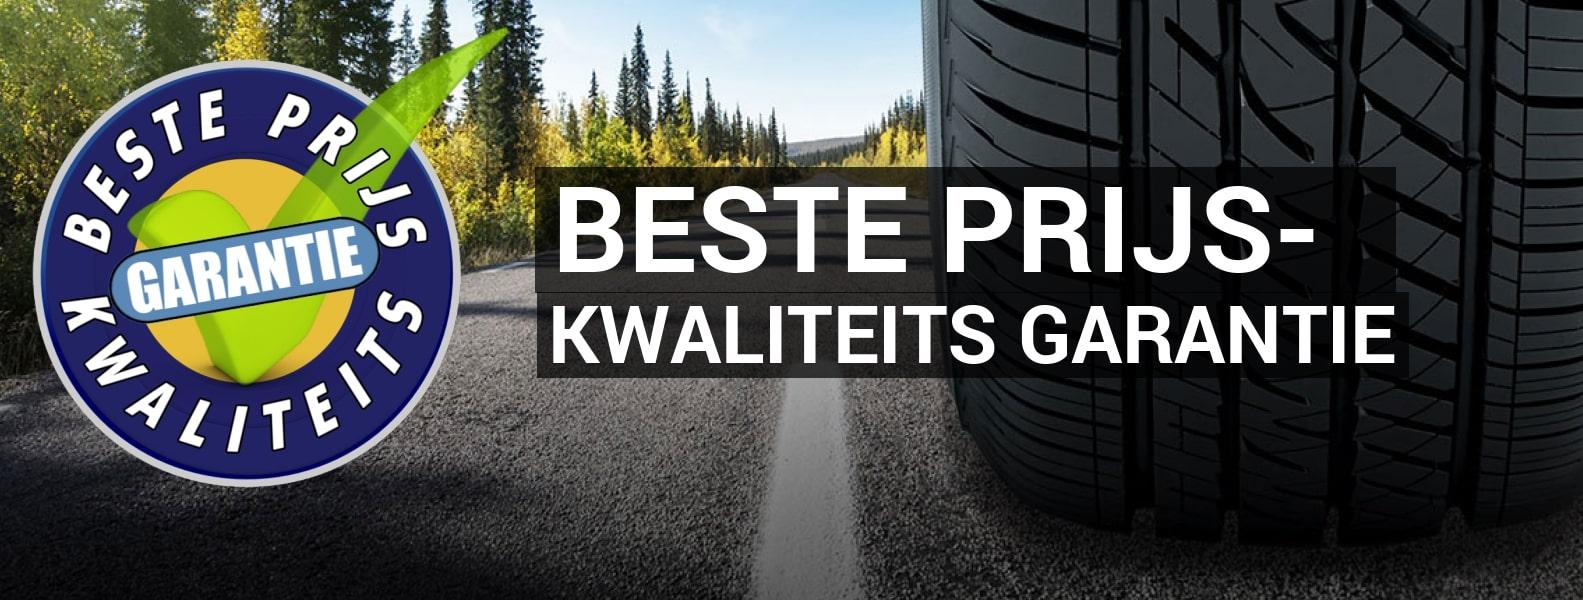 9c8b8159623 Prijs-kwaliteitsgarantie - Autobanden bestellen met voordeel. Gratis ...